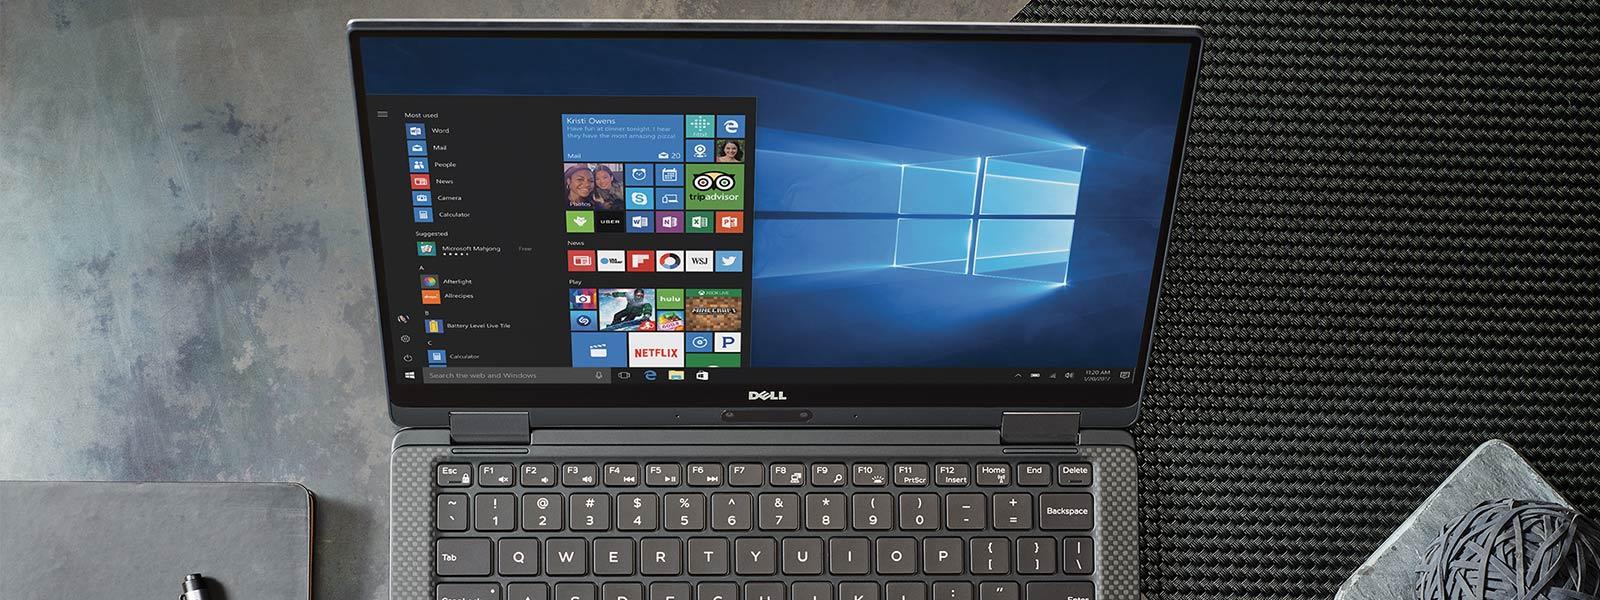 Apparaat met Windows 10-startscherm